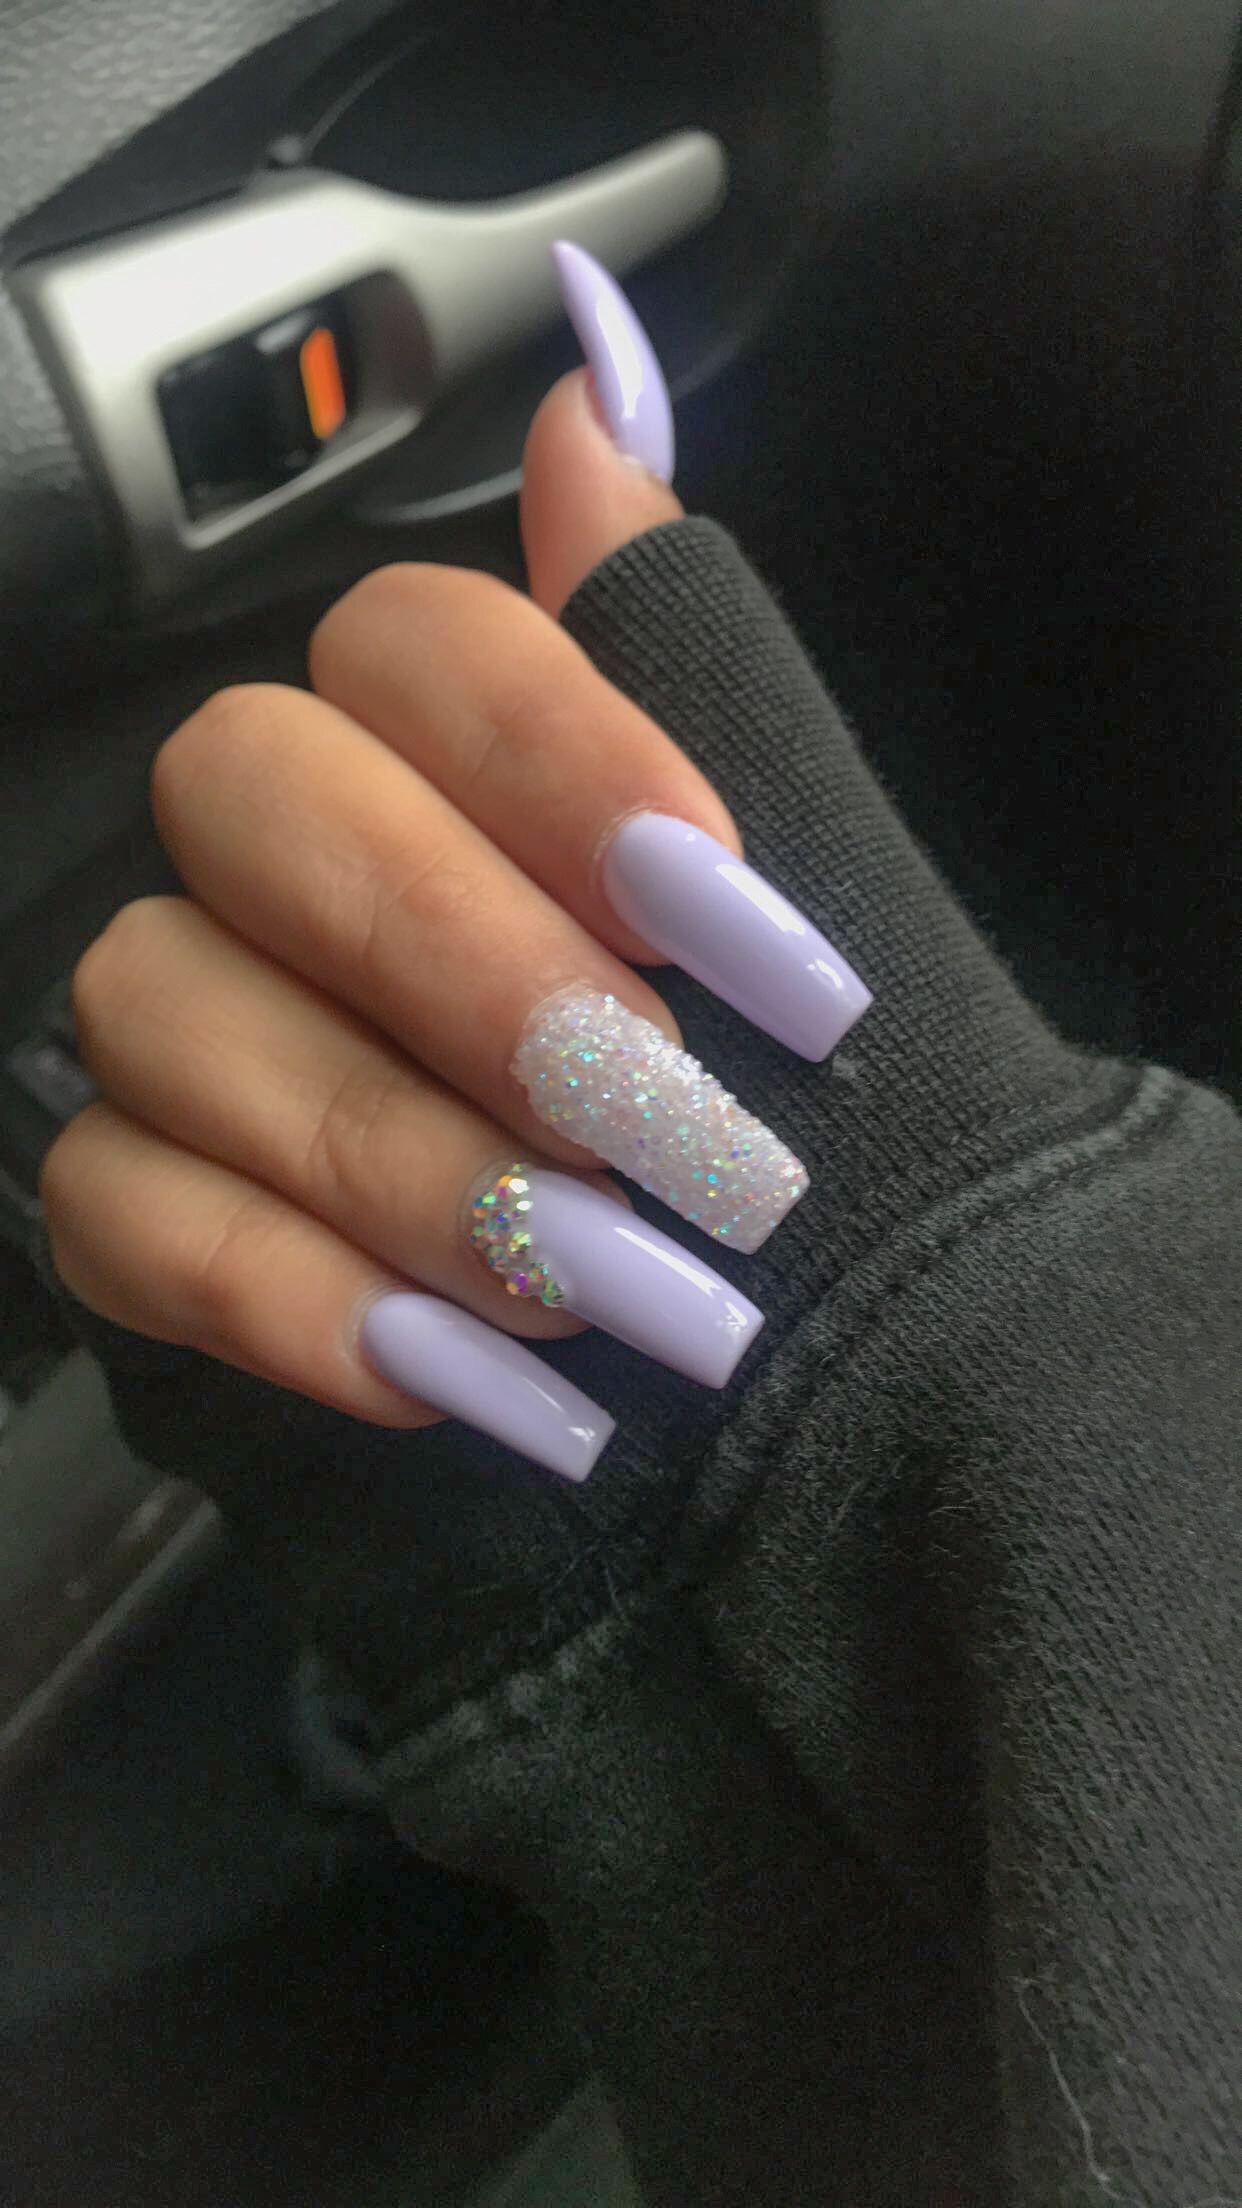 Long Lilac Acrylic Nails By Nailsbykat On Ig Lilacnails In 2020 Lilac Nails Purple Acrylic Nails Lavender Nails